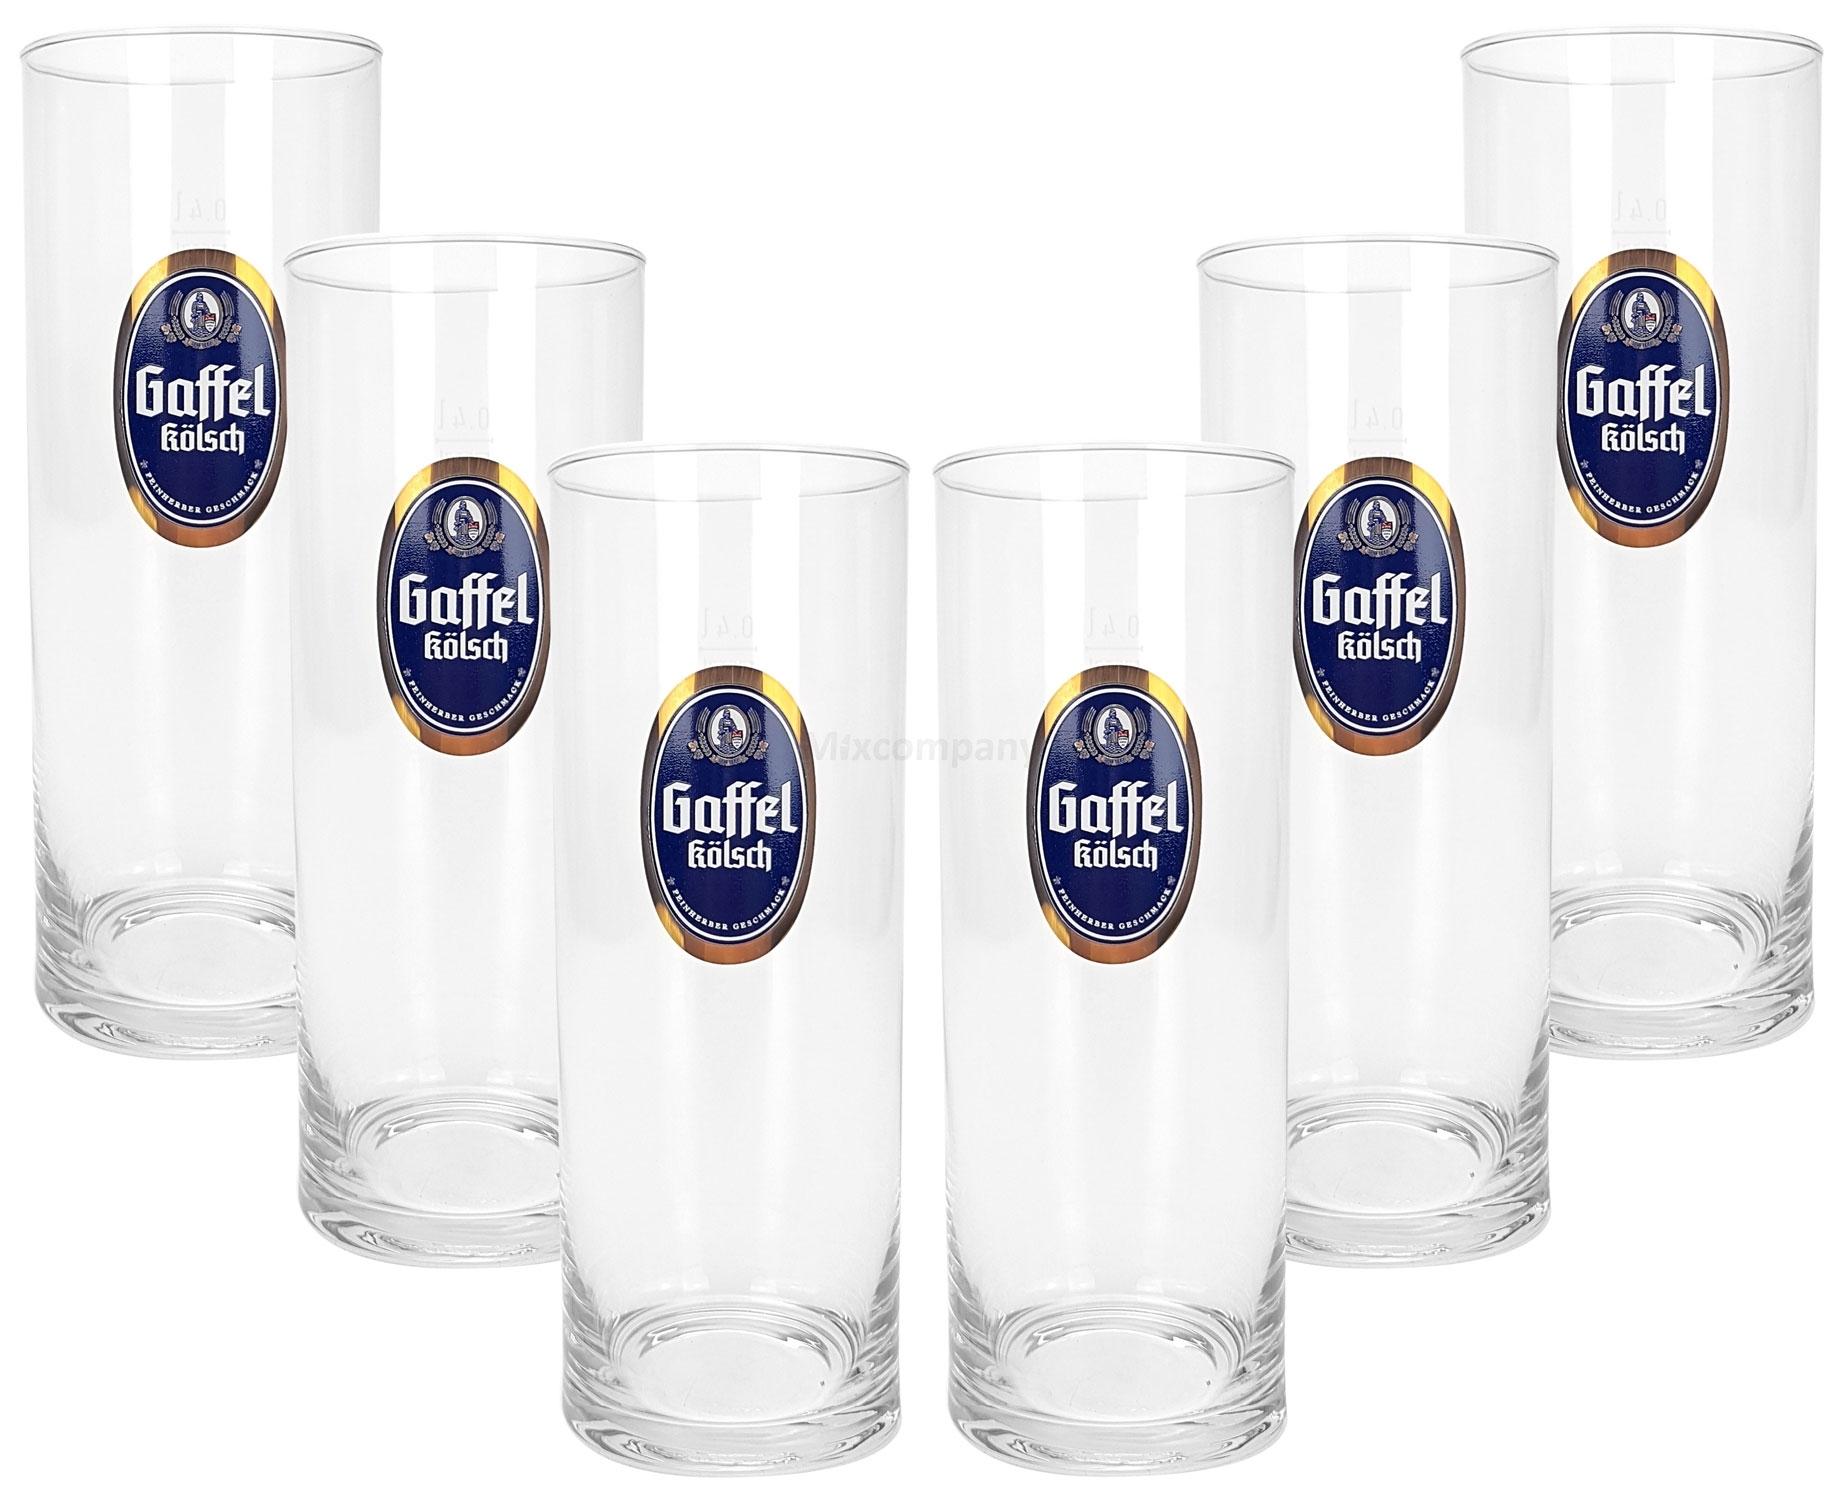 Gaffel Kölsch Stange Bierglas Glas Gläser Set - 6x Kölschstangen 0,4l geeicht